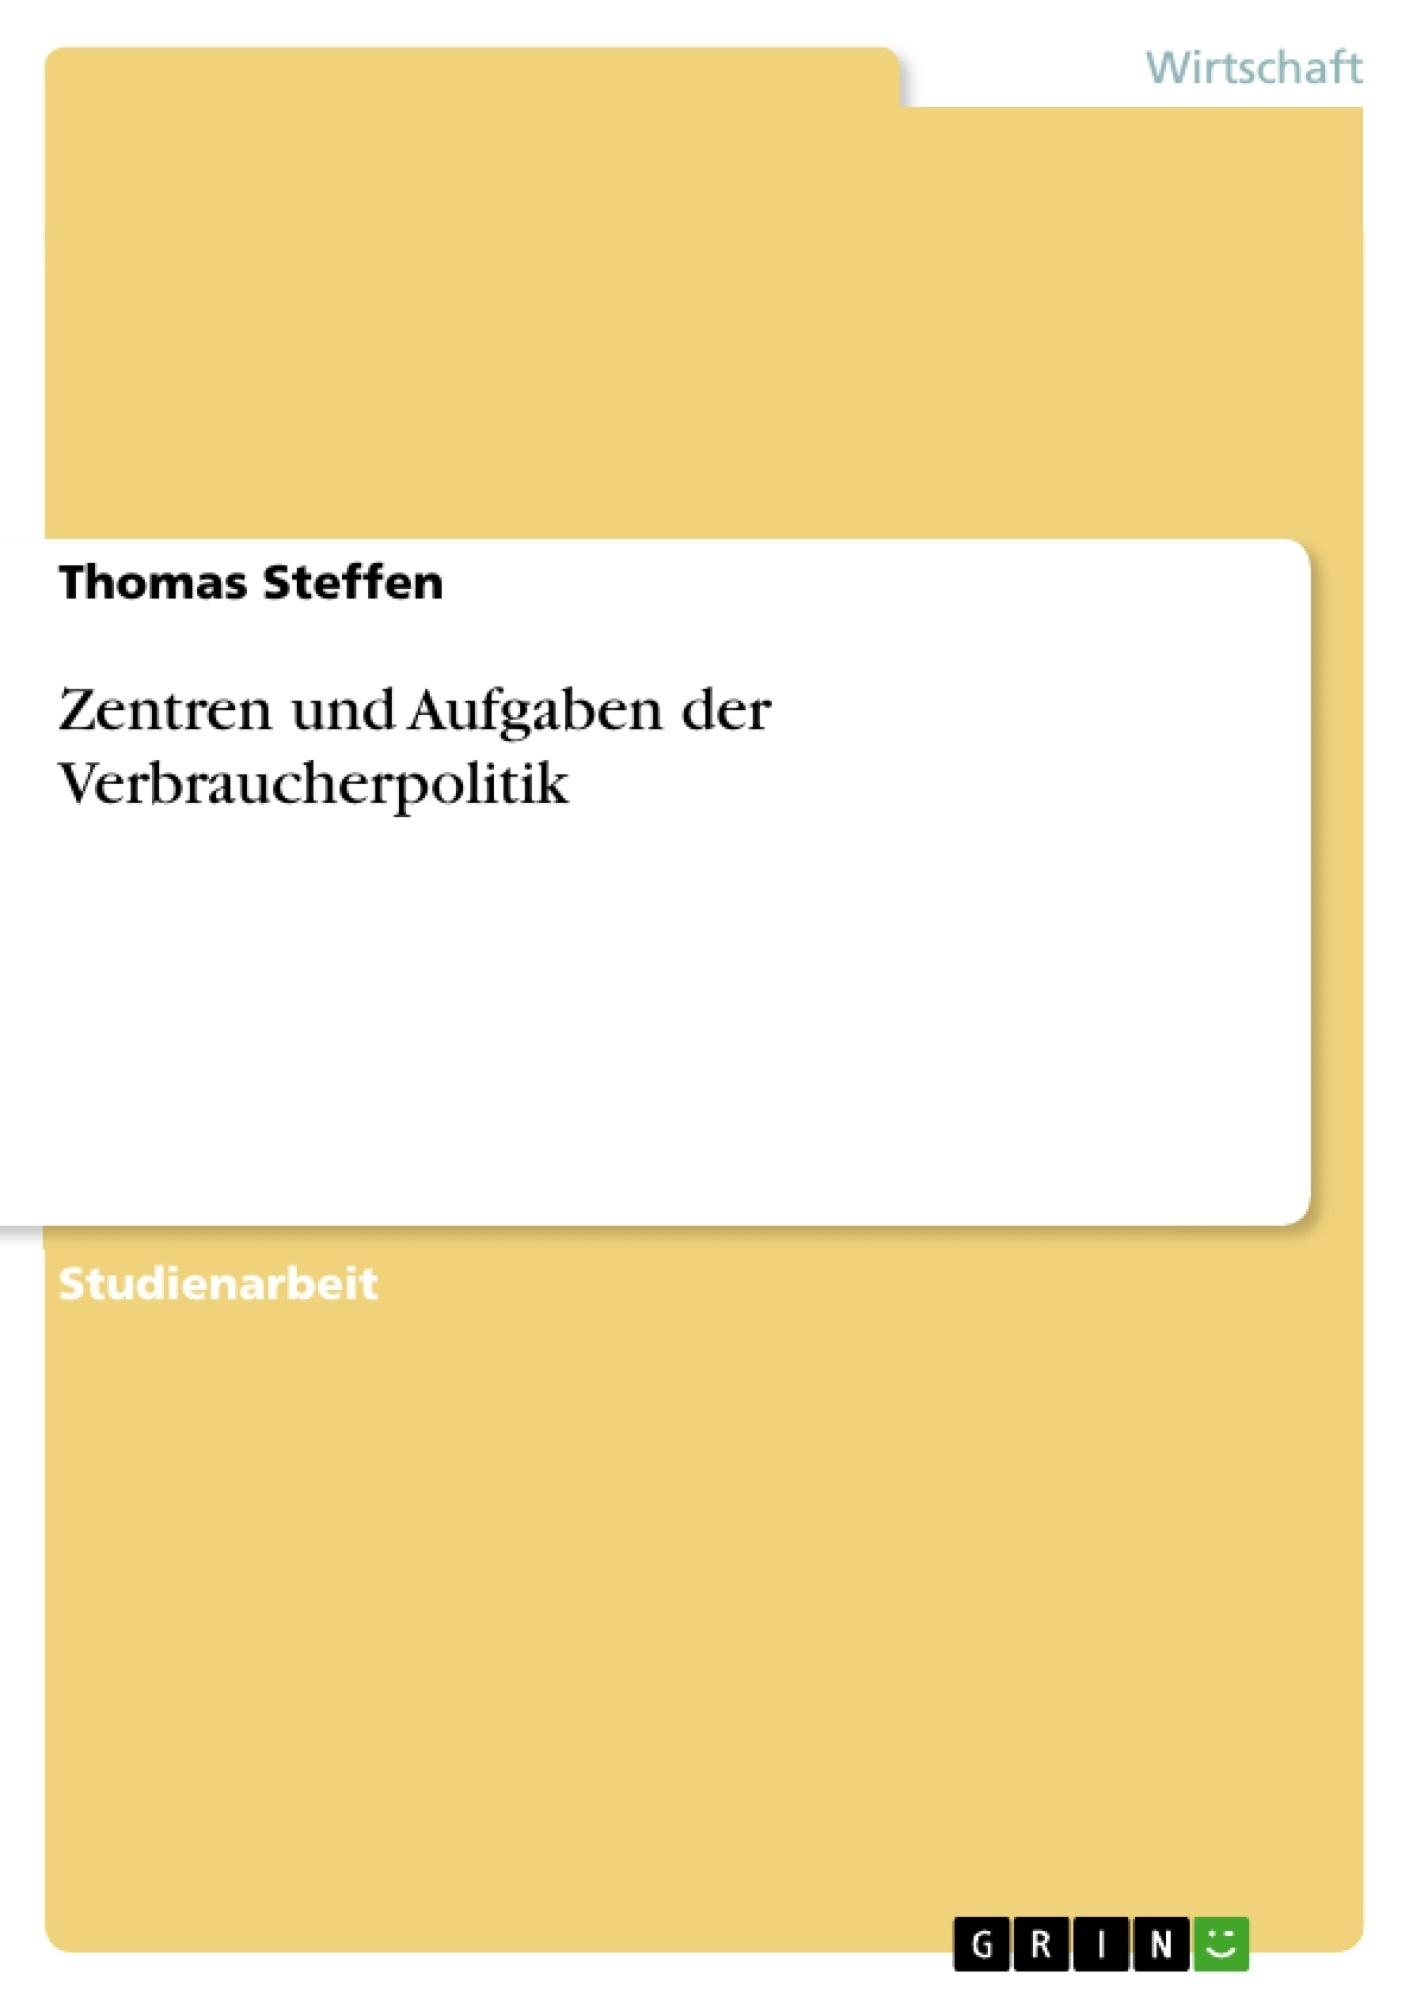 Titel: Zentren und Aufgaben der Verbraucherpolitik